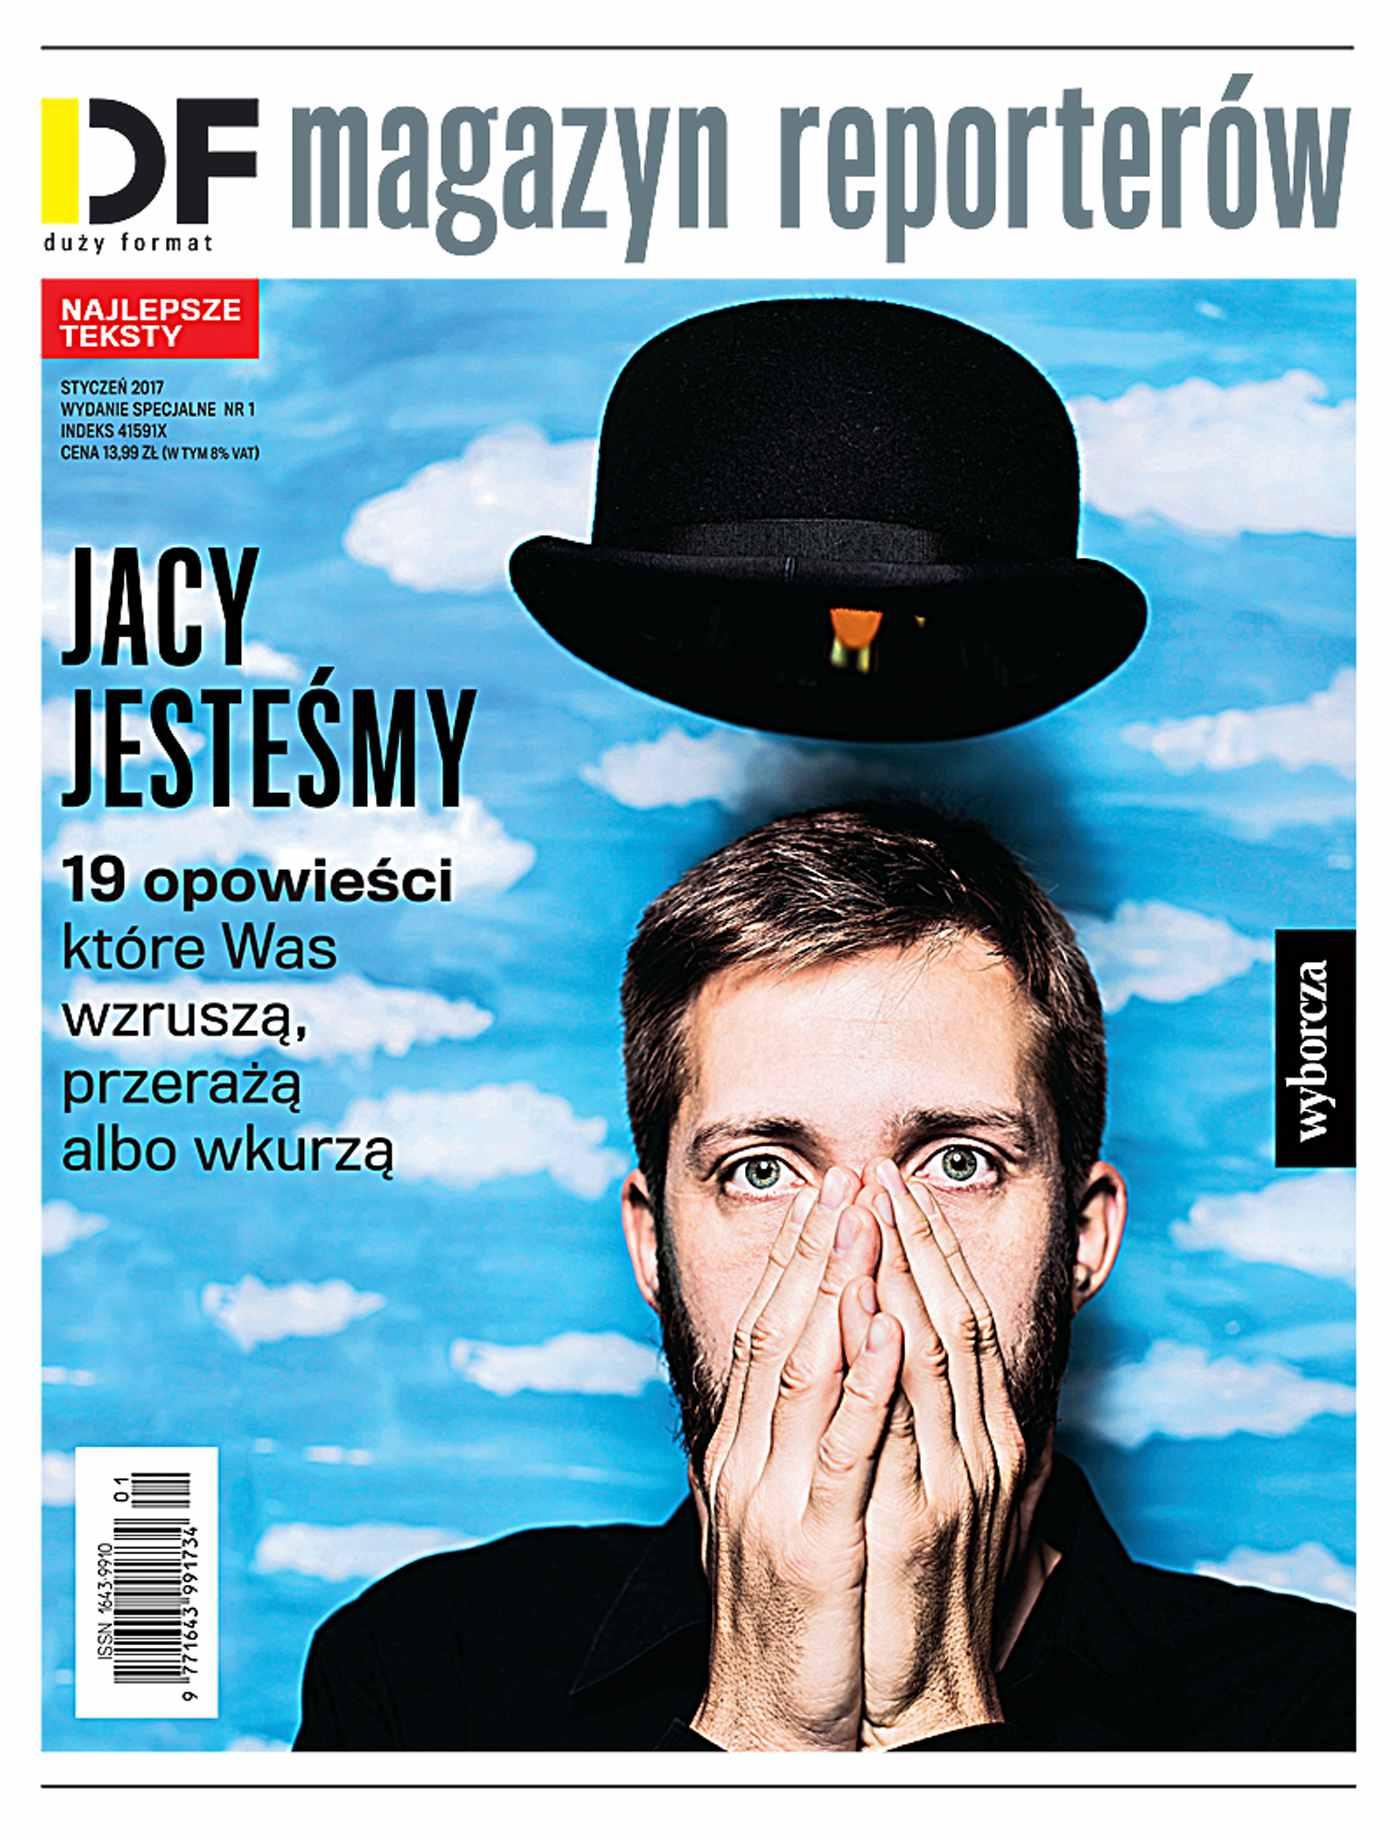 DF Magazyn Reporterów. Najlepsze teksty. Duży Format. Wydanie Specjalne - Ebook (Książka na Kindle) do pobrania w formacie MOBI